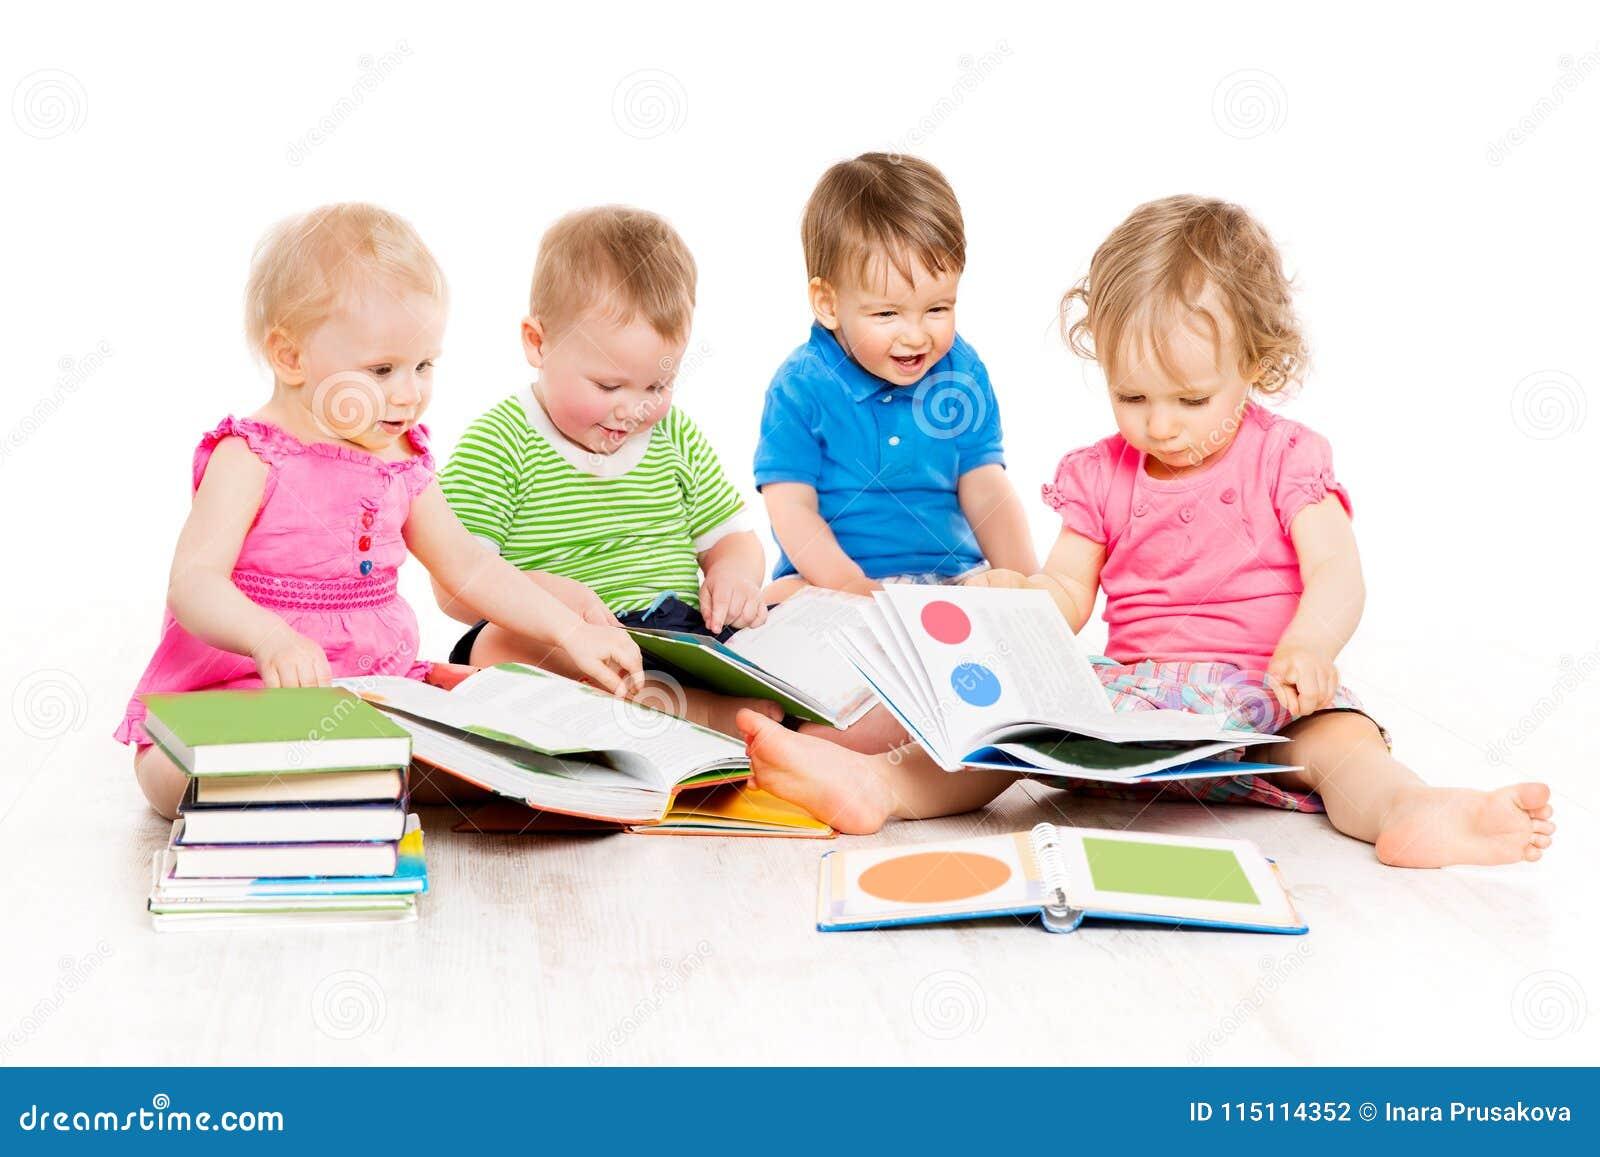 Los libros de lectura de los niños, educación temprana de los bebés, embroman al grupo, blanco